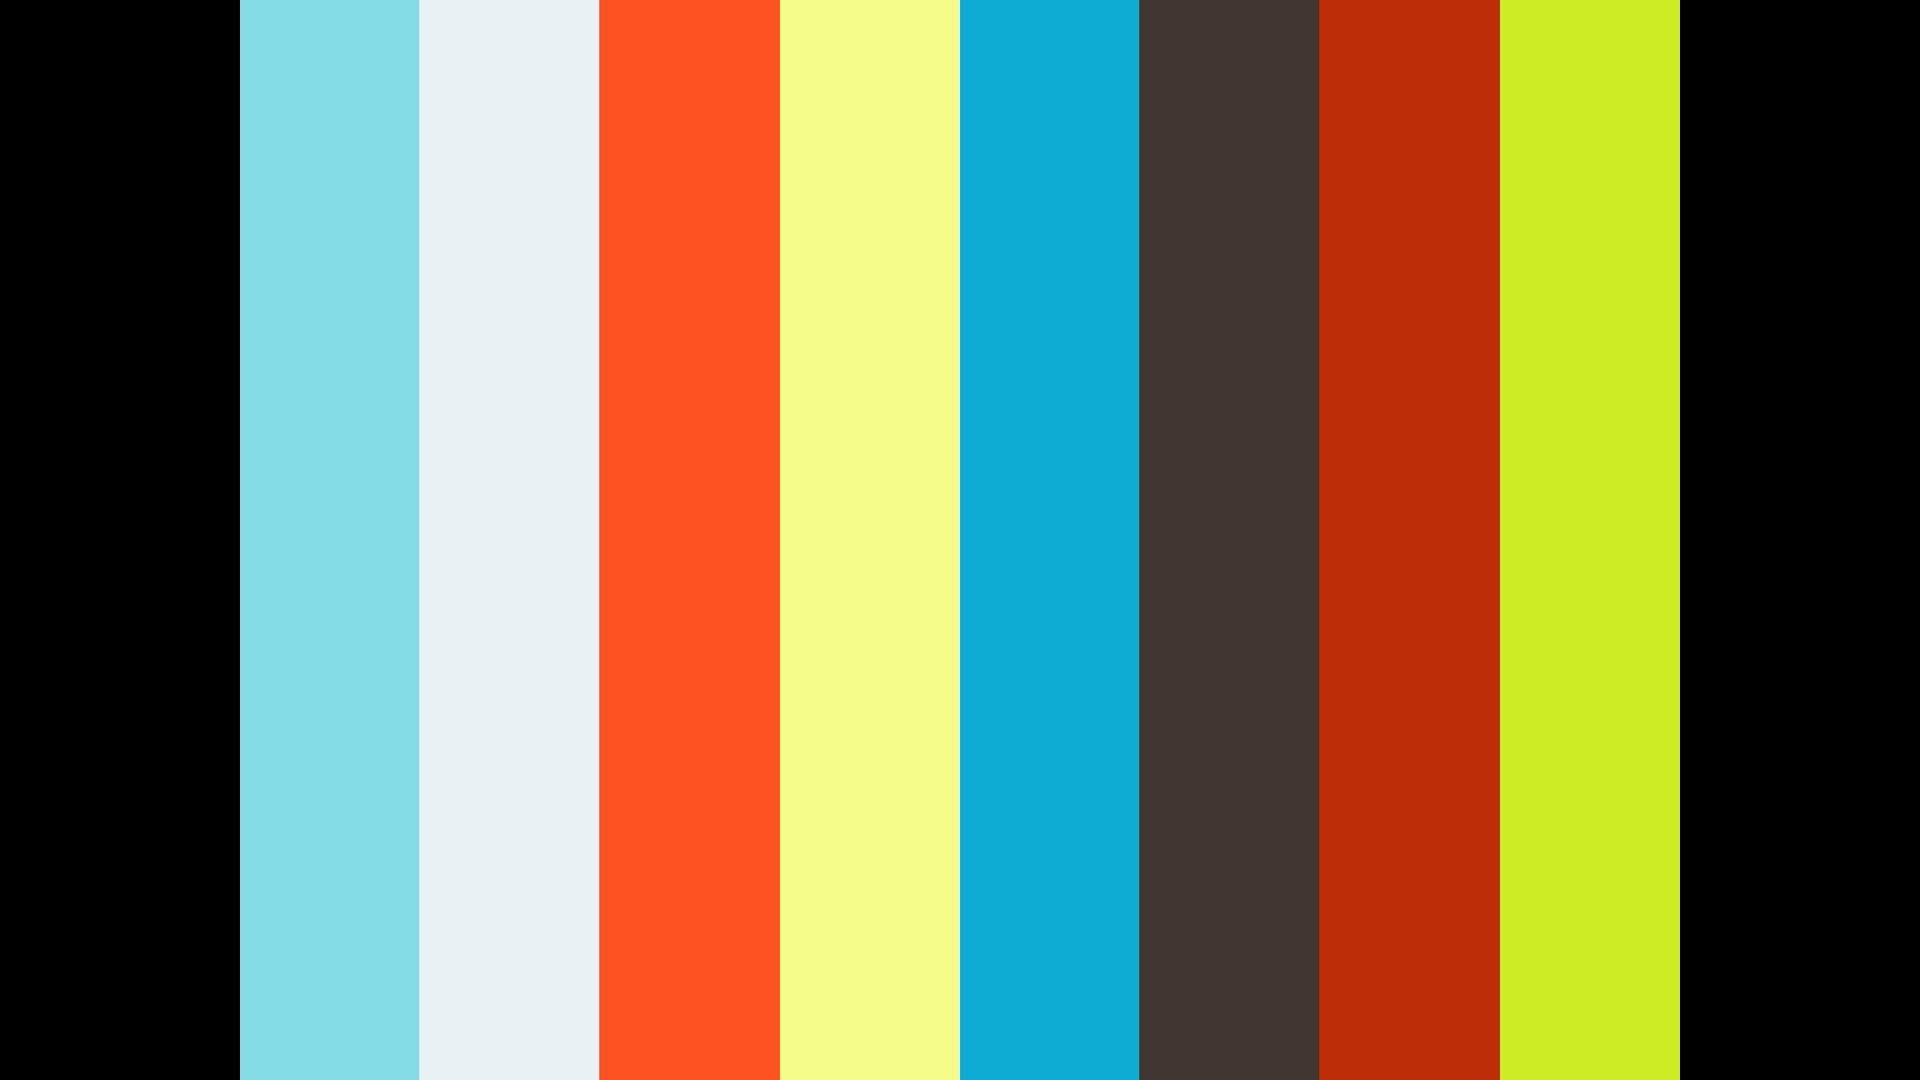 Запись InFocus: свежий взгляд — 24.10.14